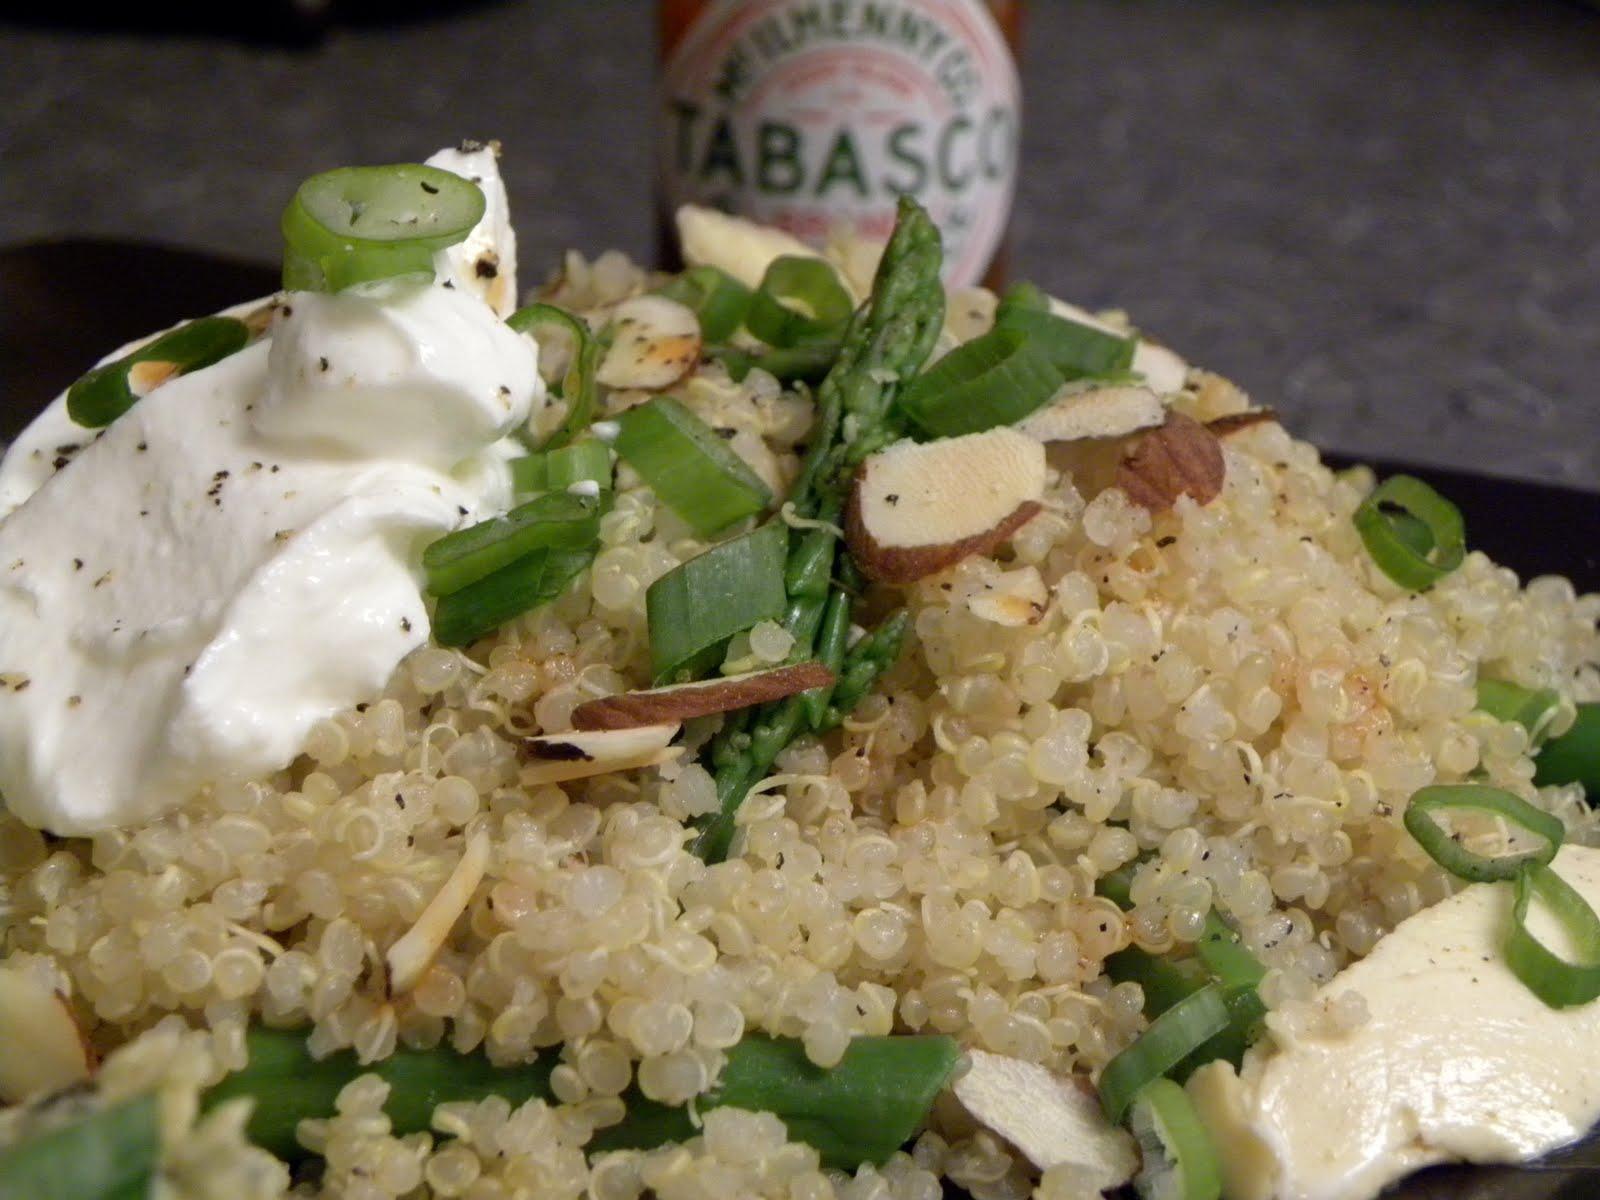 Tabasco & Asparagus Quinoa Recipe: (adapted from Heidi Swanson's ...